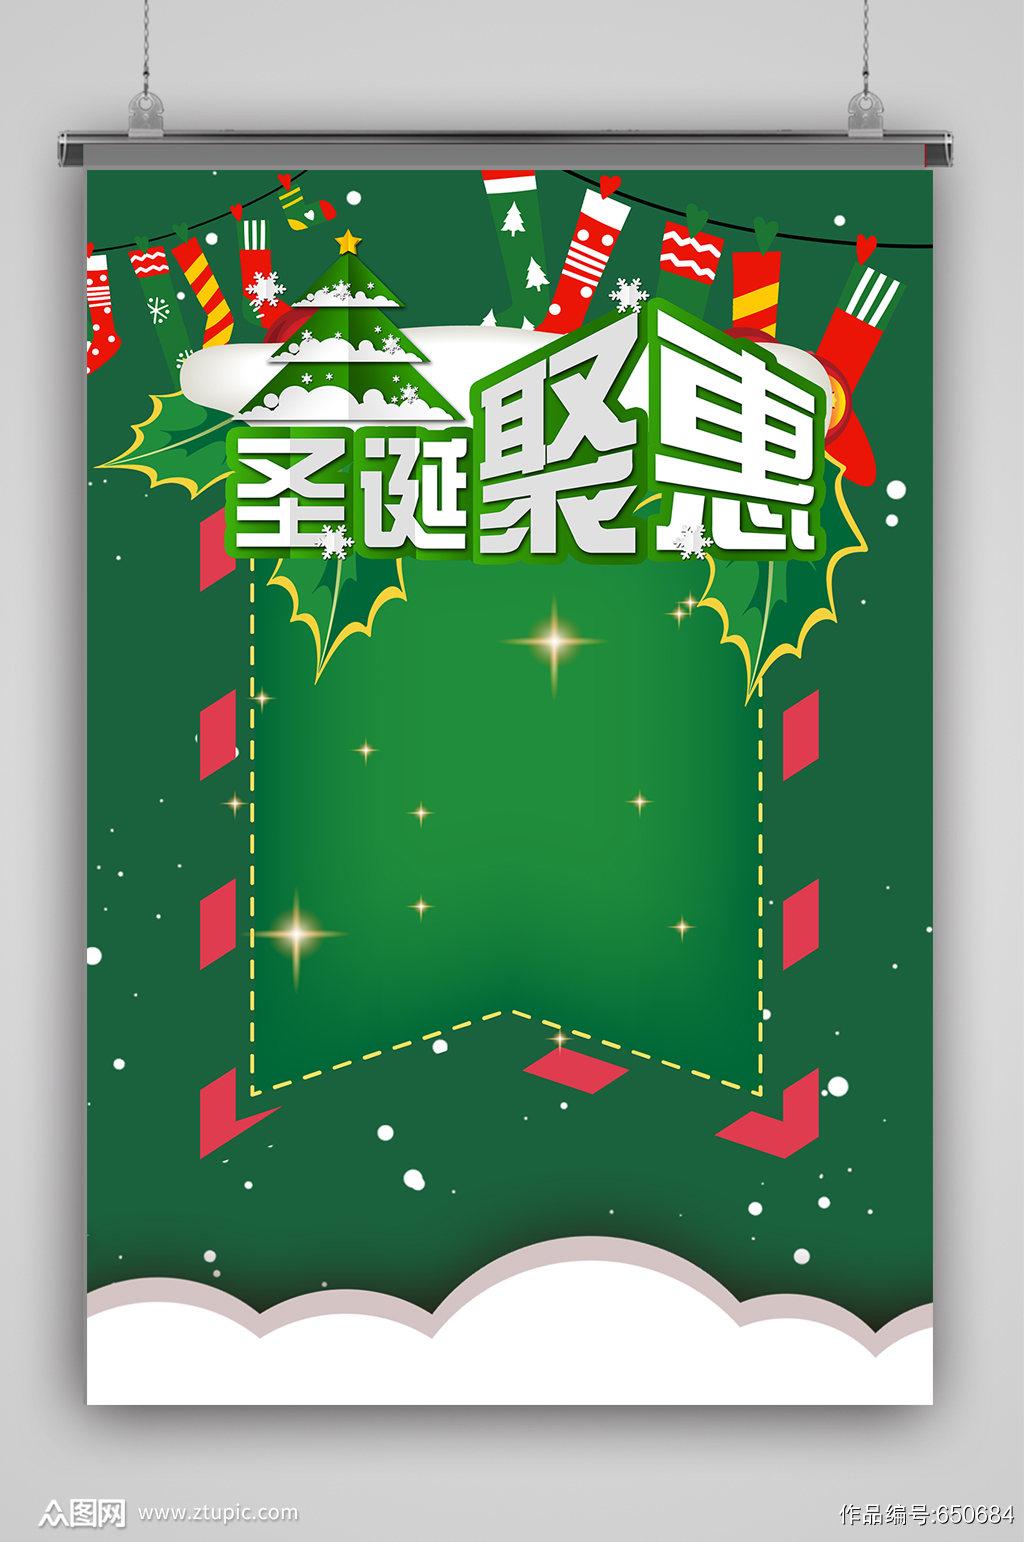 圣诞钜惠圣诞节海报背景素材